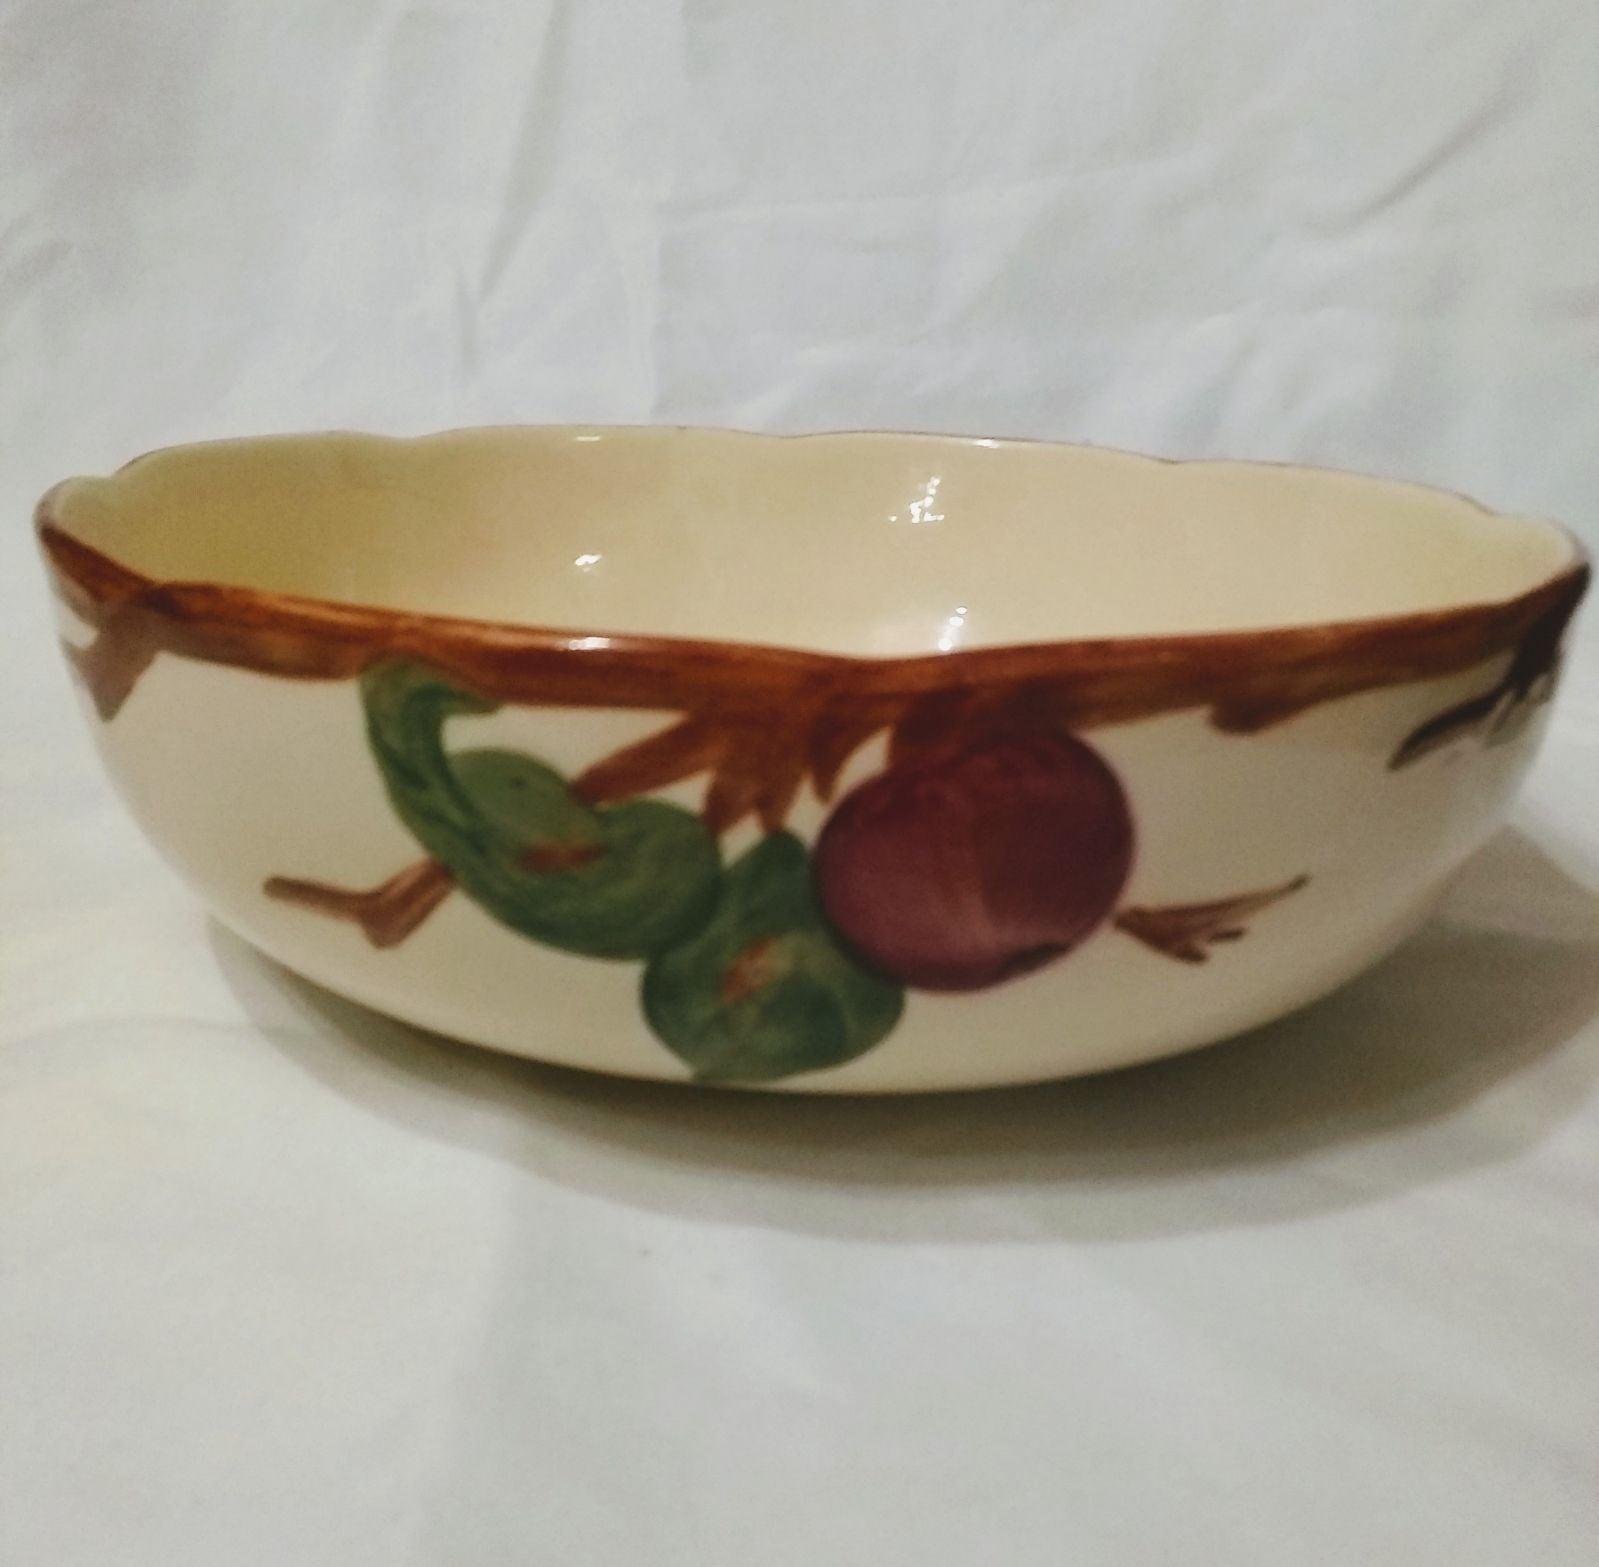 Vintage Franciscan Apple Serving Bowl